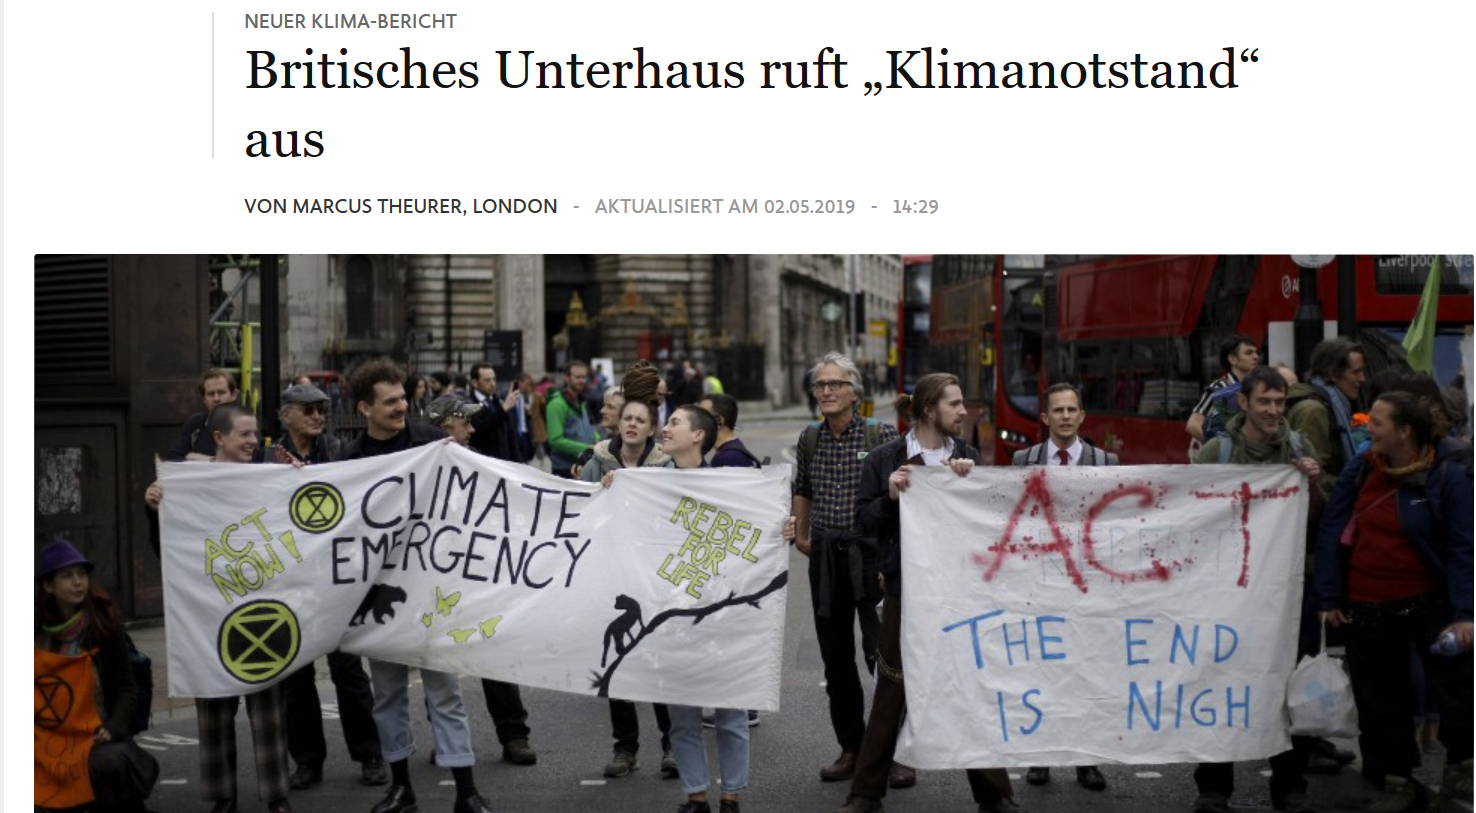 Konstanz und Großbritanien rufen Klima-Notstand aus